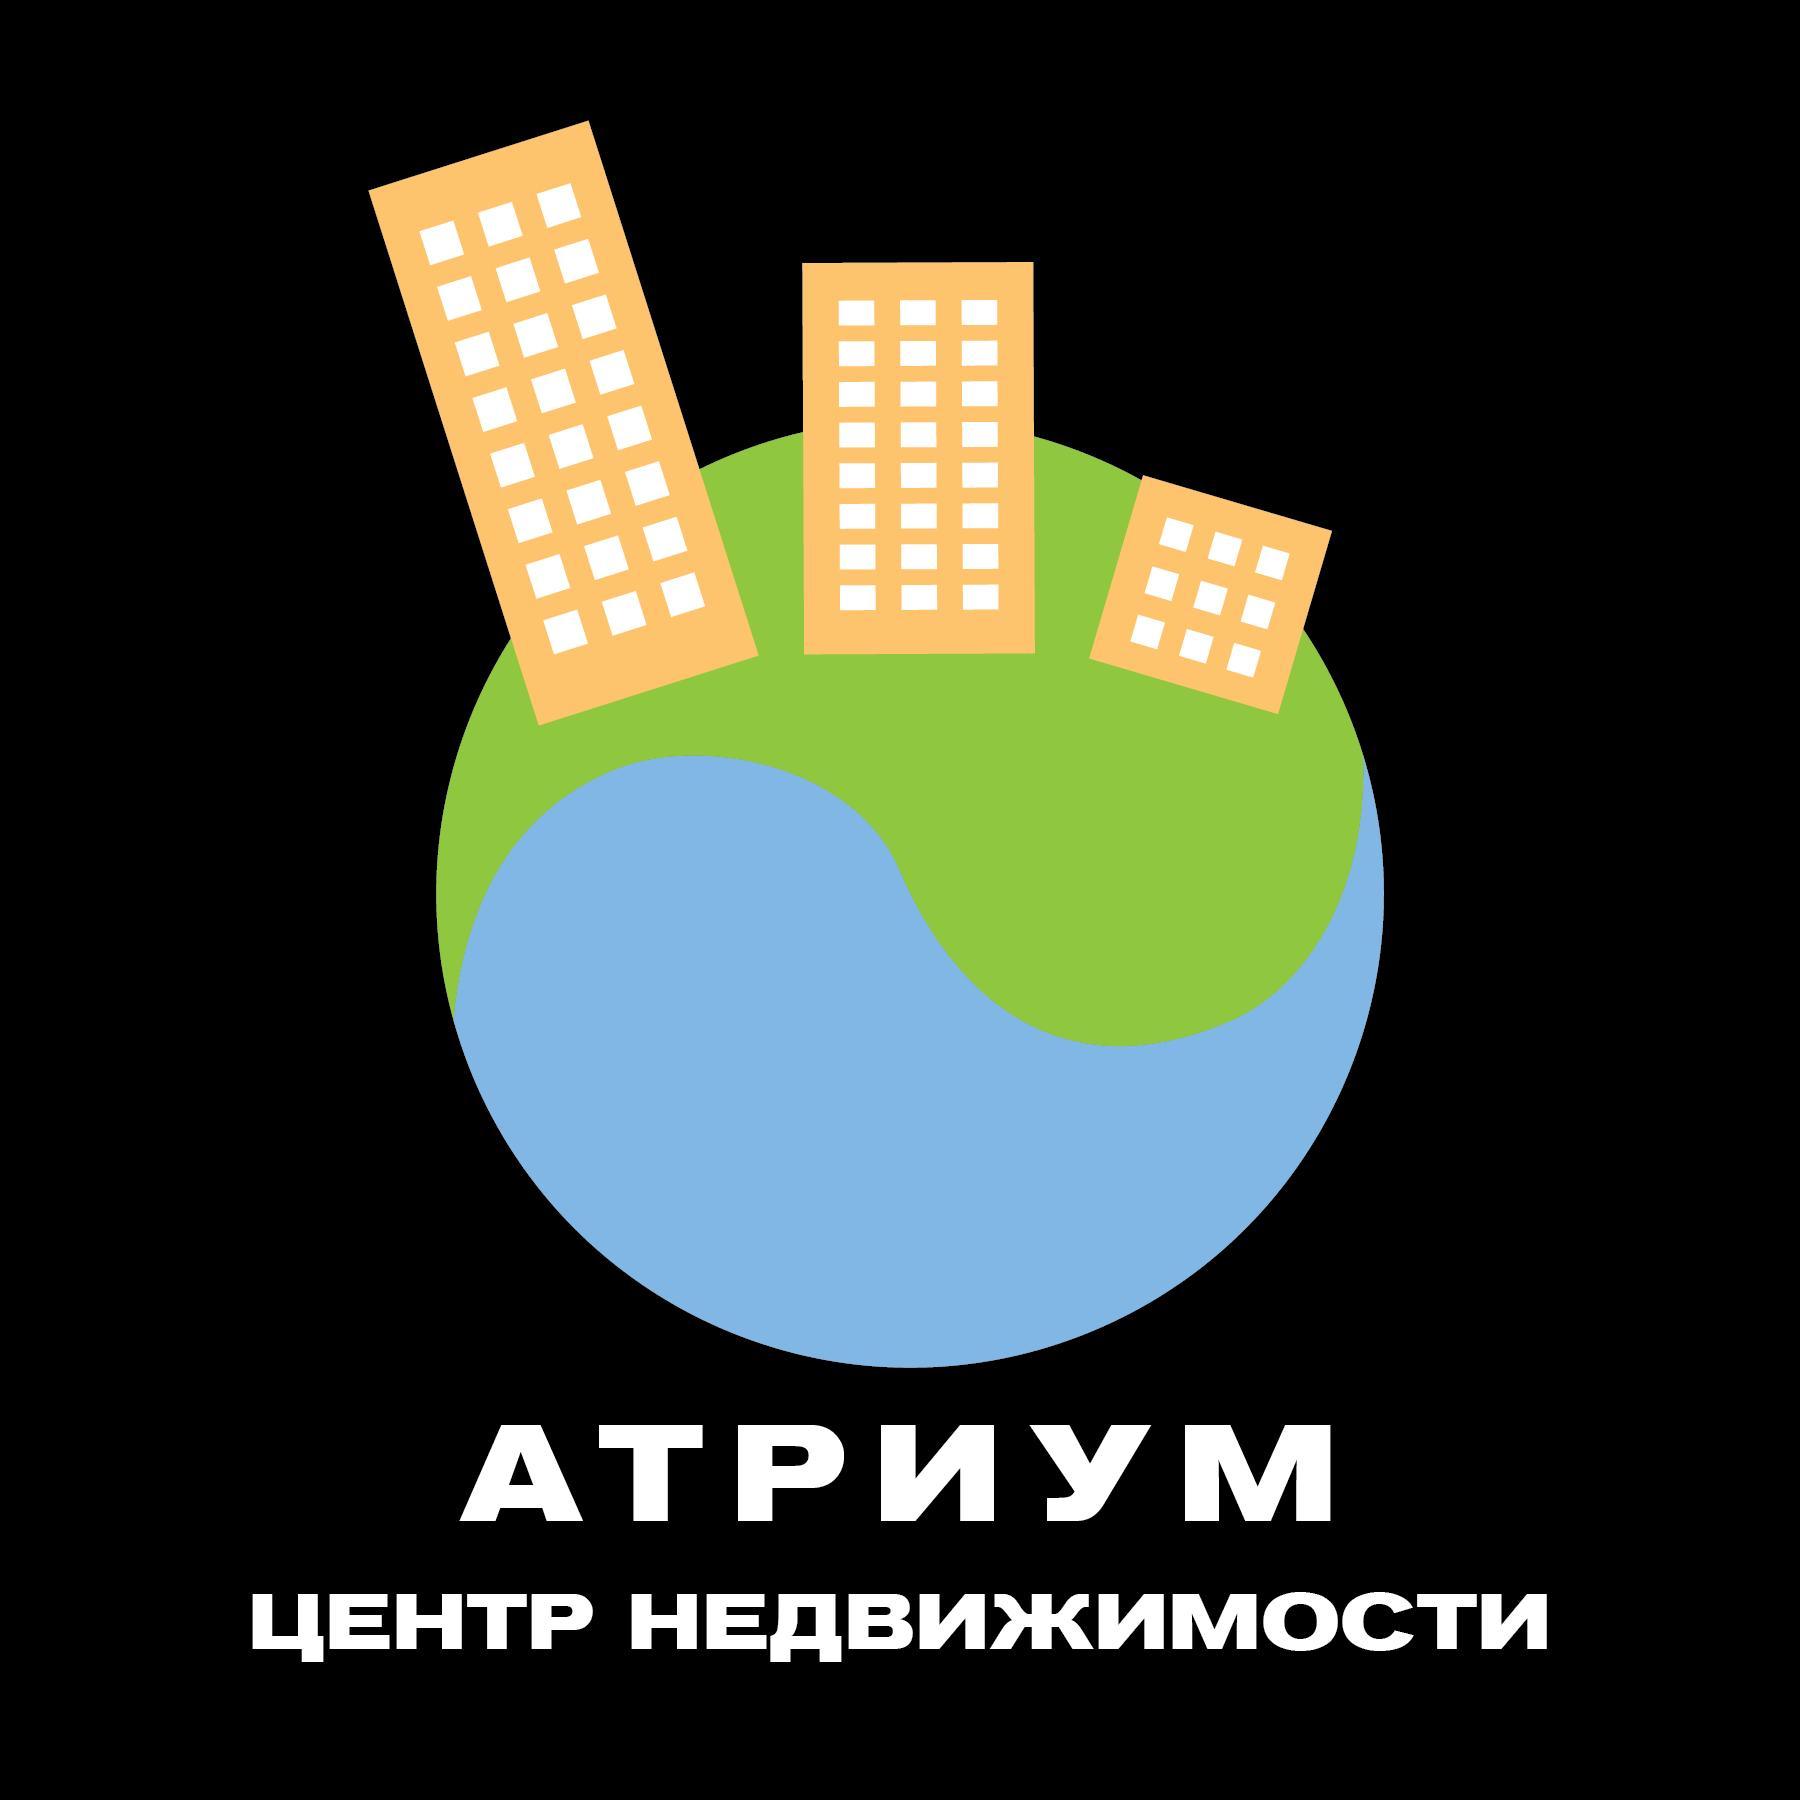 Редизайн / модернизация логотипа Центра недвижимости фото f_7935bc07c9a23a24.png